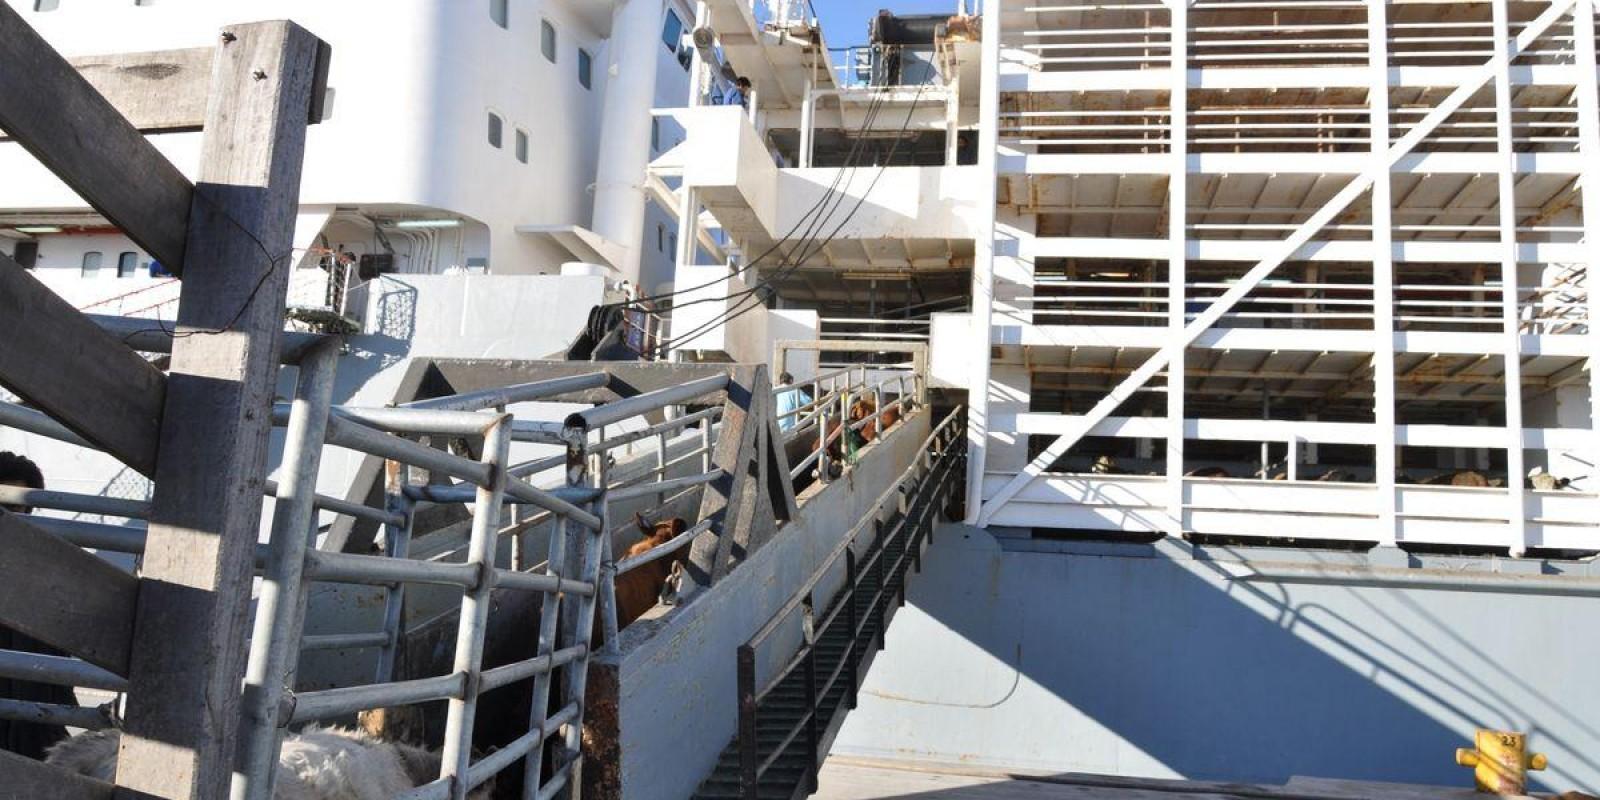 Deputado quer proibir gado vivo em navios no Estado de SP